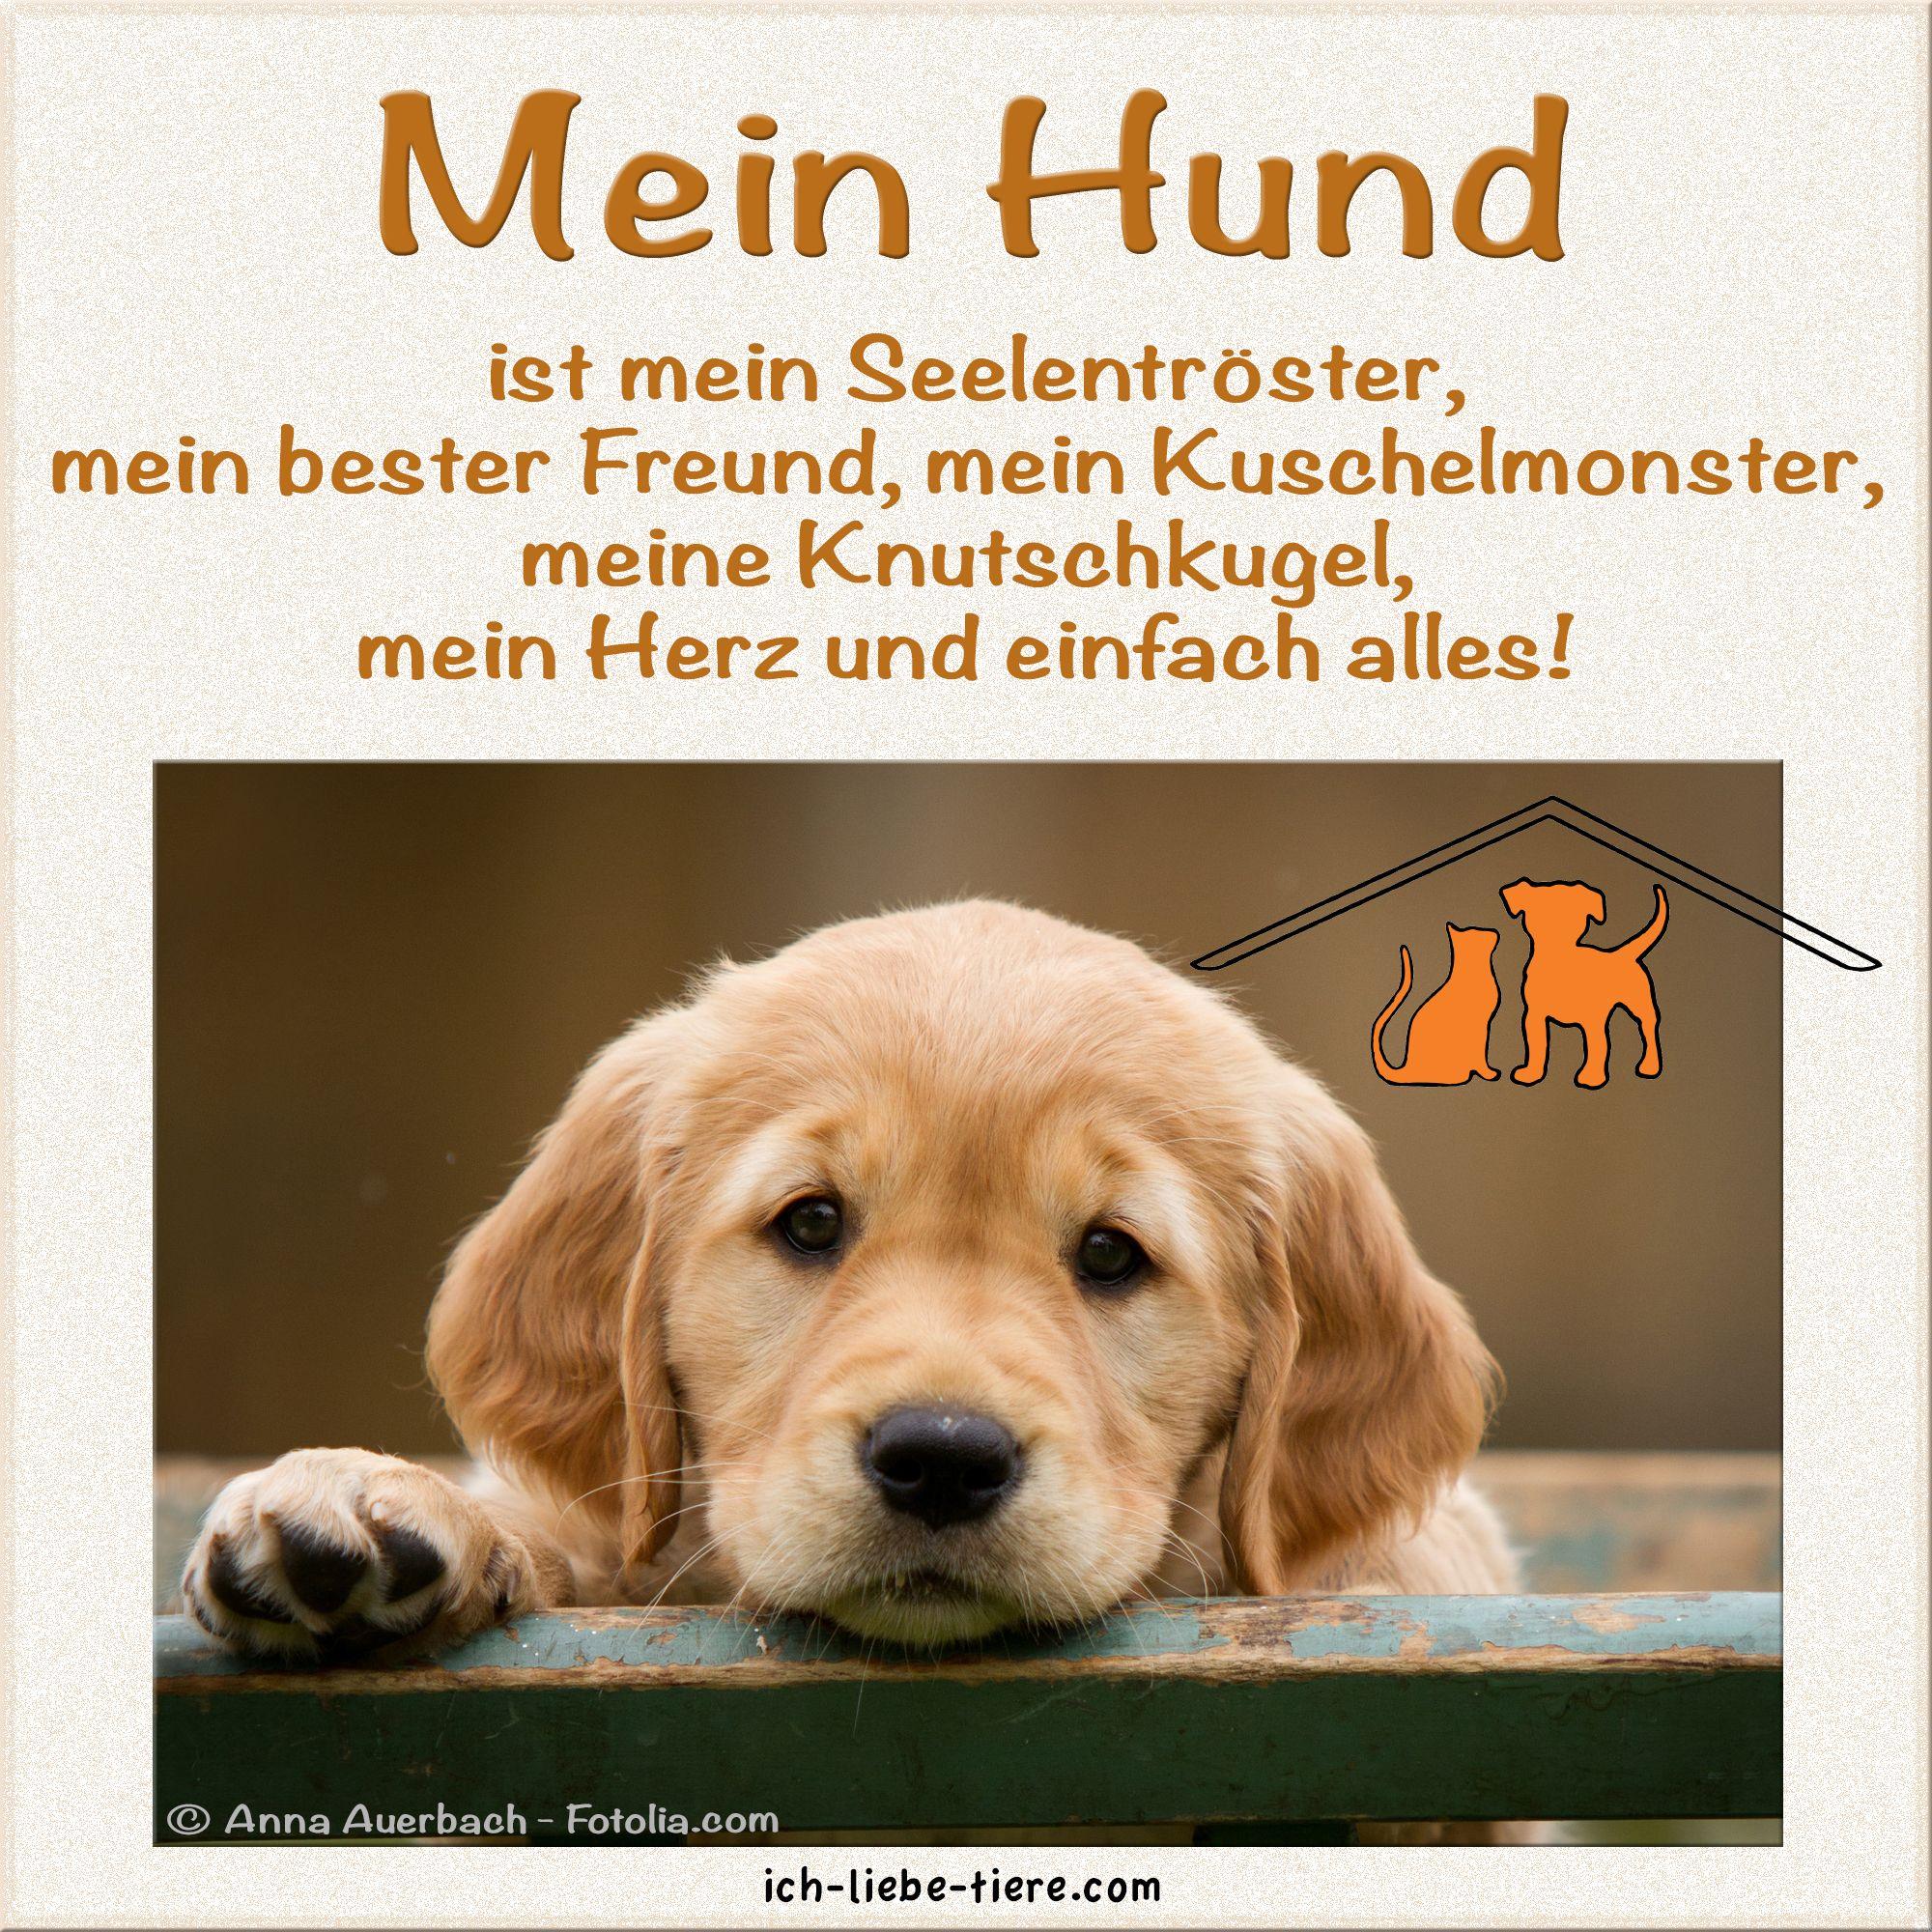 Mein Hund Ist Mein Seelentroster Mein Bester Freund Mein Kuschelmonster Meine Knutschkugel Mein Herz Und Einfach Alles Htt Spruche Tiere Hunde Hund Zitat